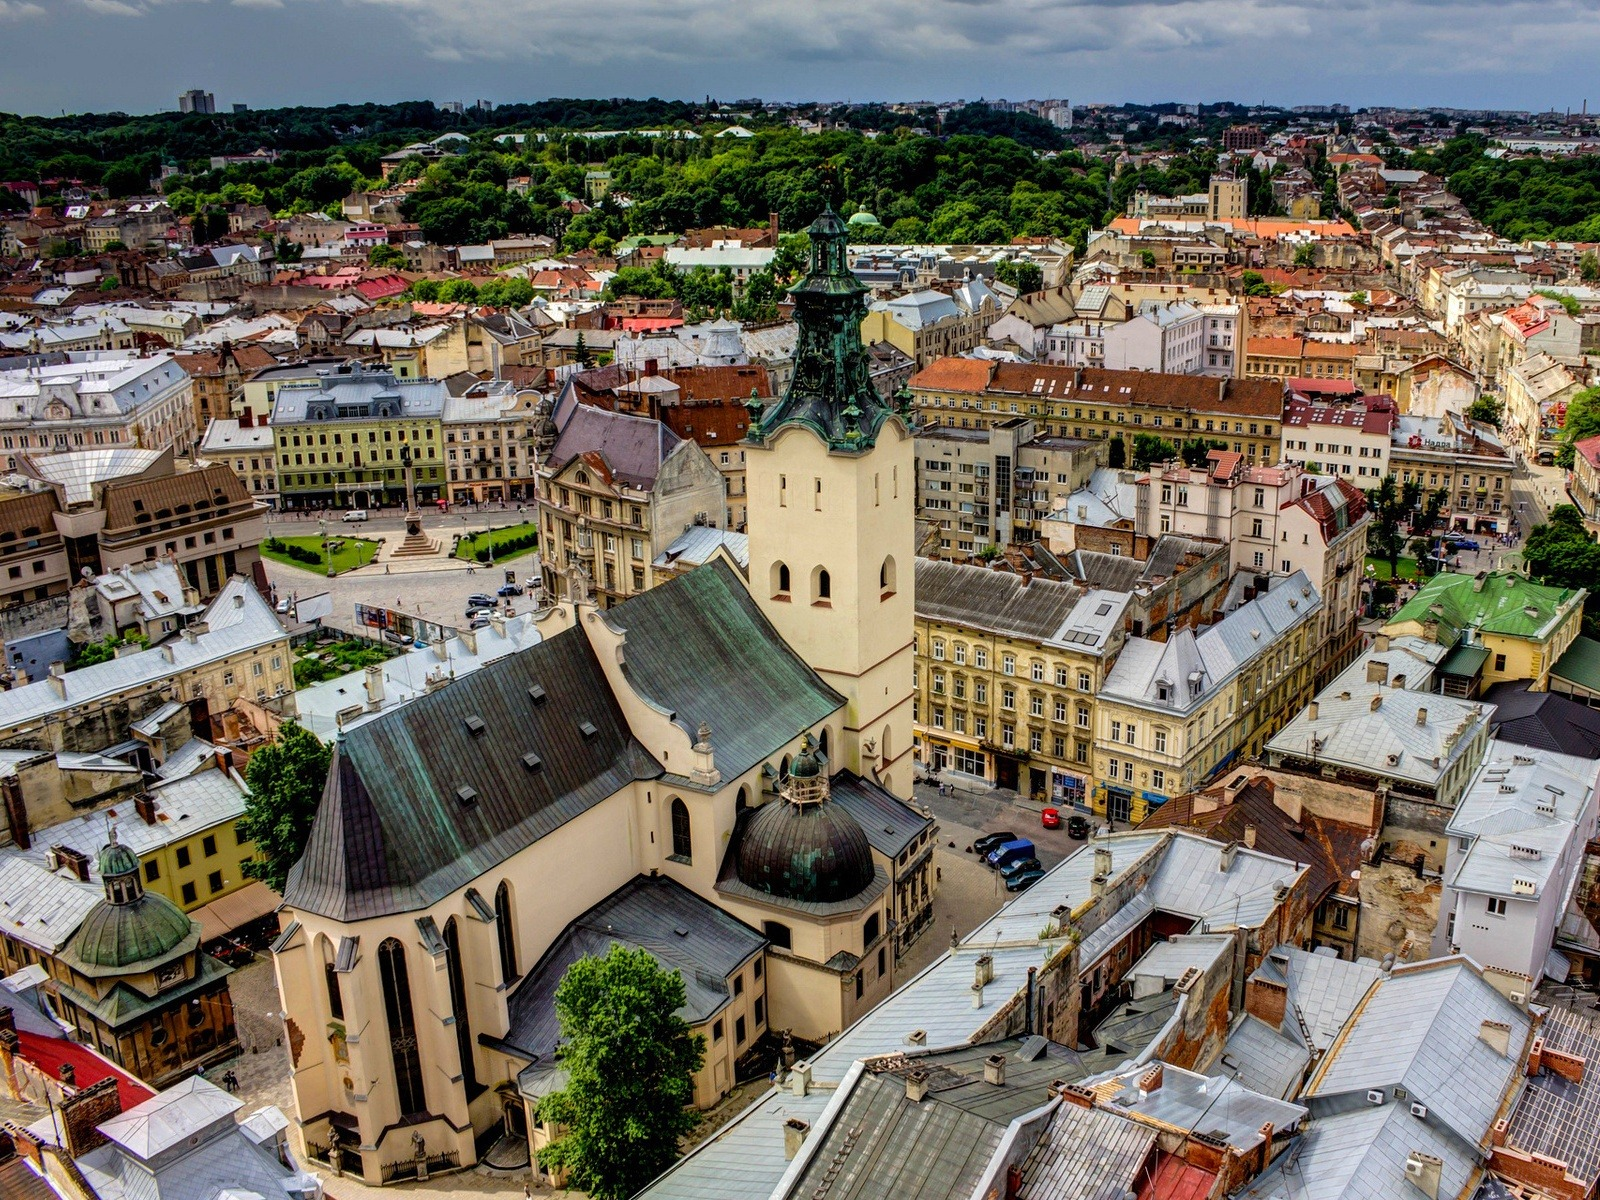 Тур выходного дня во Львов из Минска - поездка на выходные